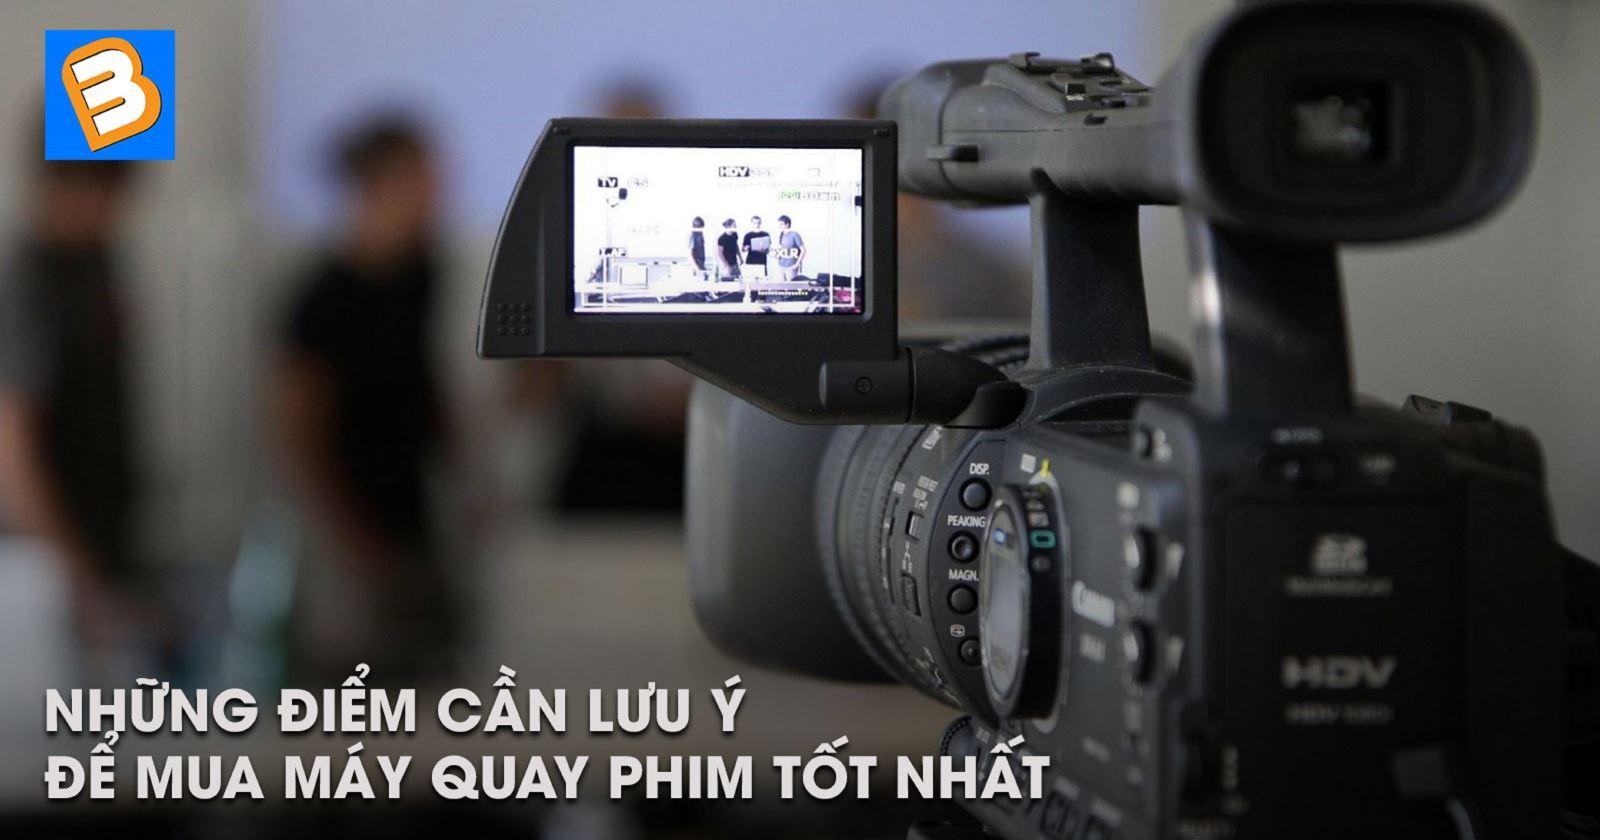 Những điểm cần lưu ýđể mua máy quay phim tốt nhất